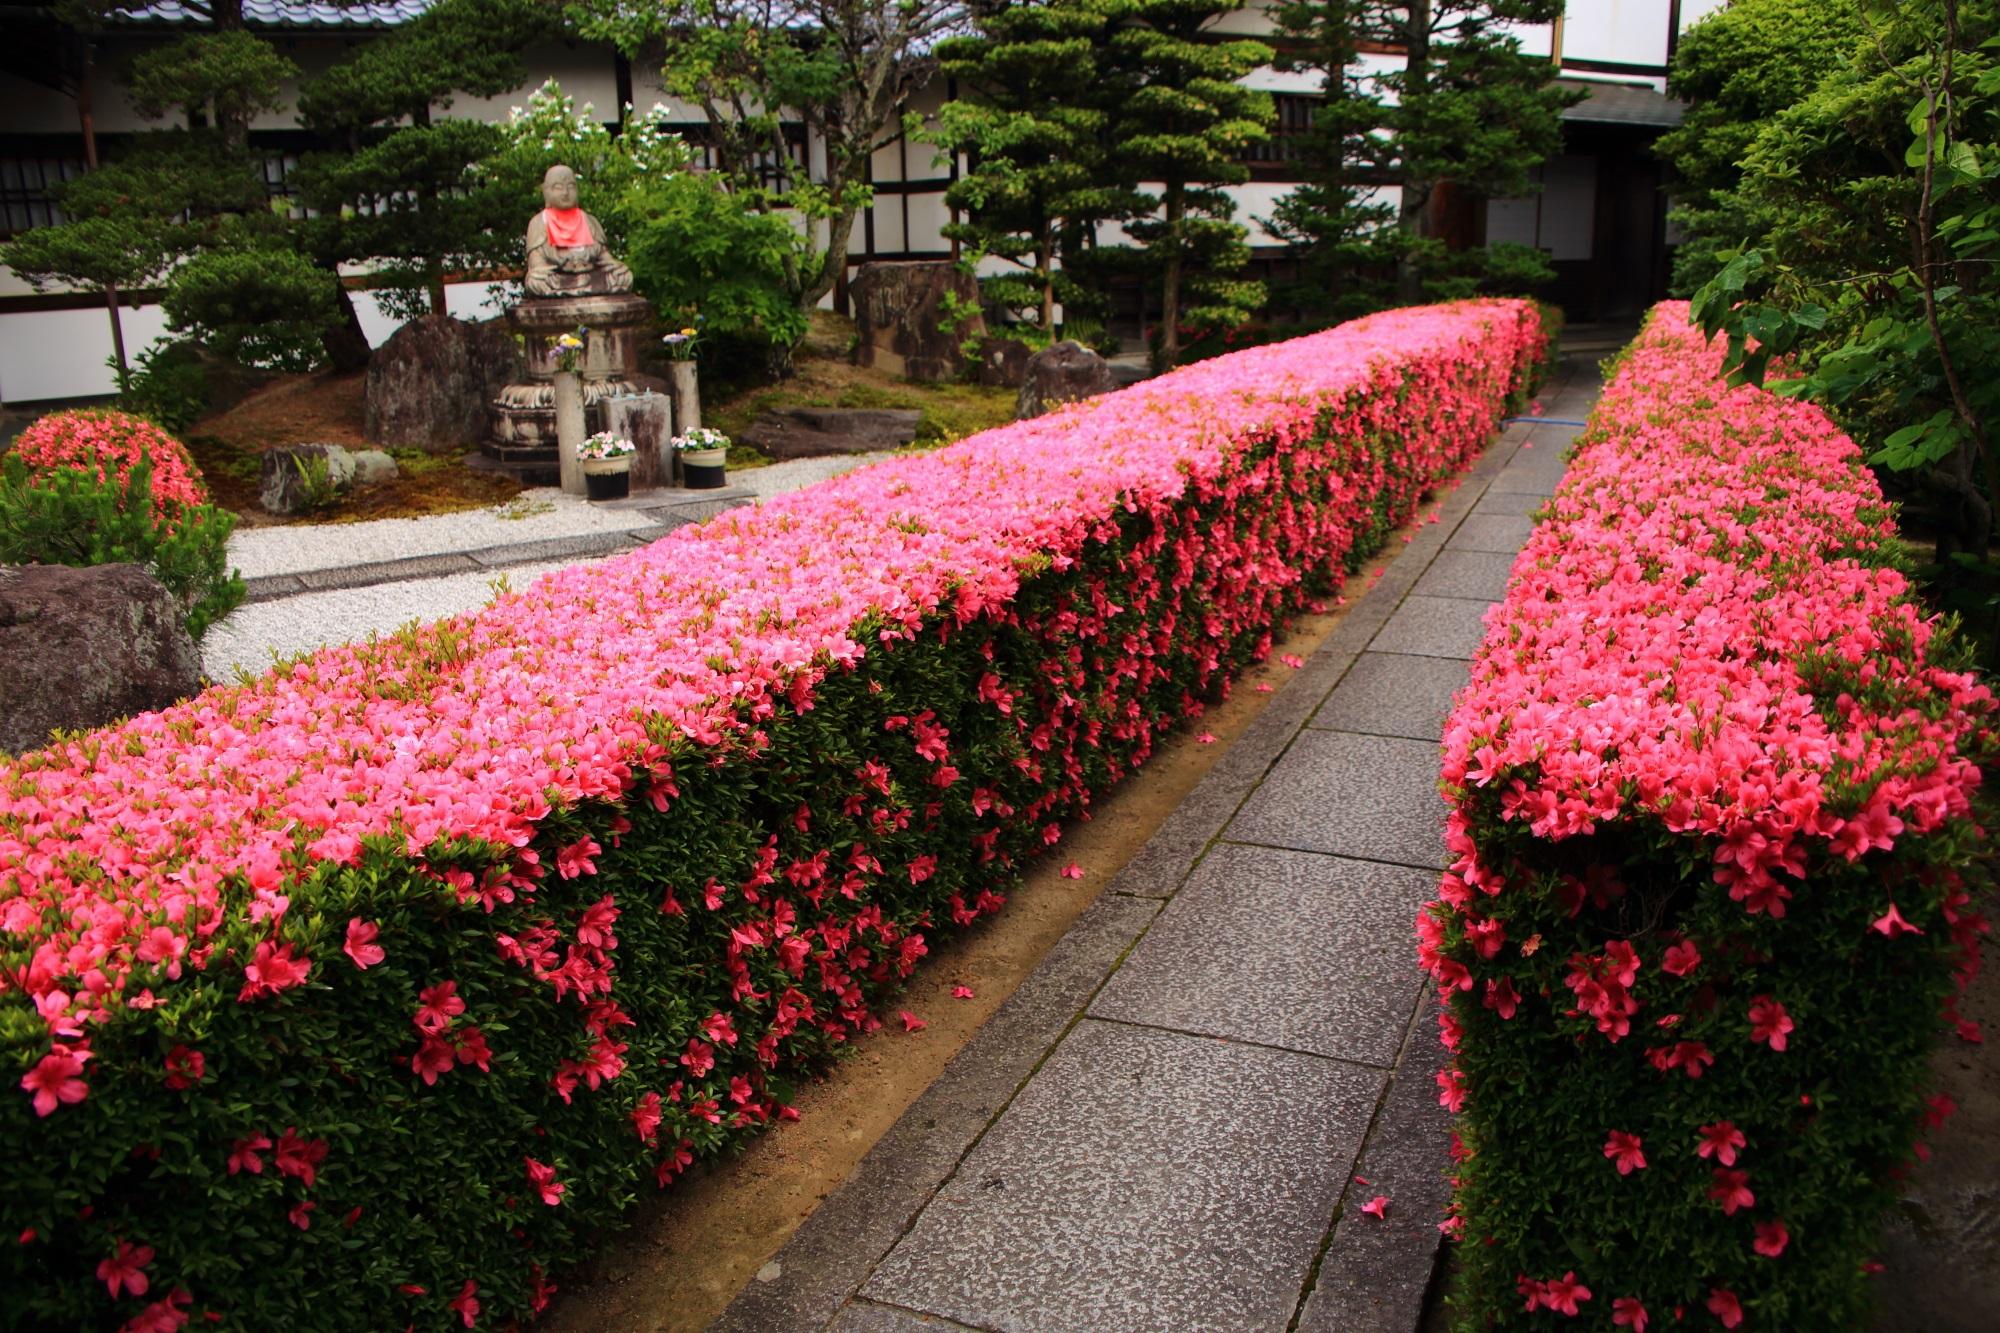 見事にサツキが咲きそろう妙心寺の慈雲院の綺麗に刈り込まれた生垣